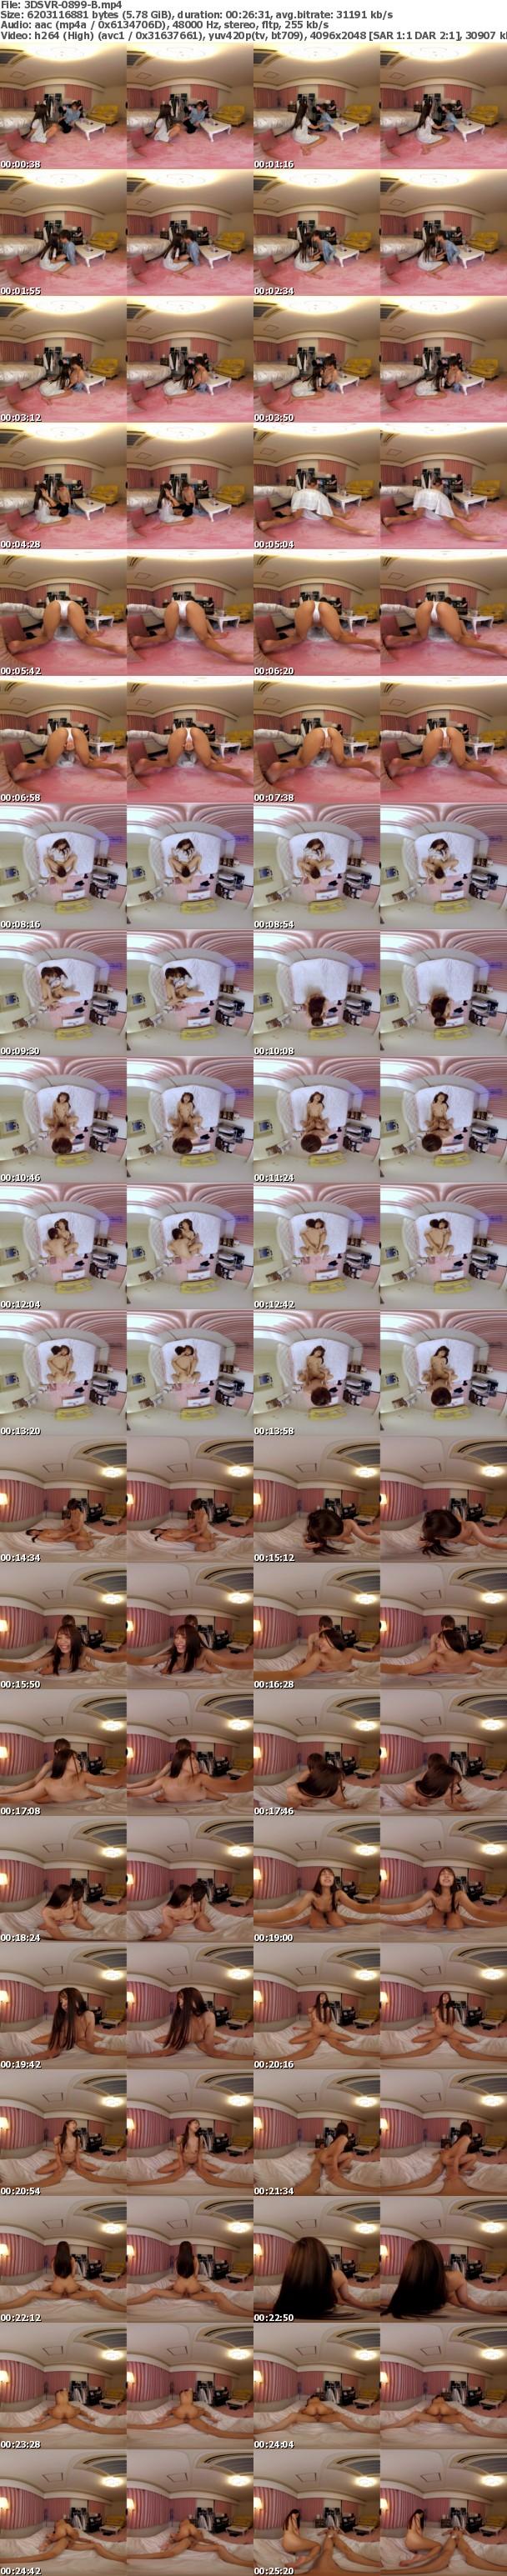 (VR) 3DSVR-0899 女子大生の部屋の壁・天井・床になるVR 無防備な着替え・シャワー・オナニー姿を覗き見!